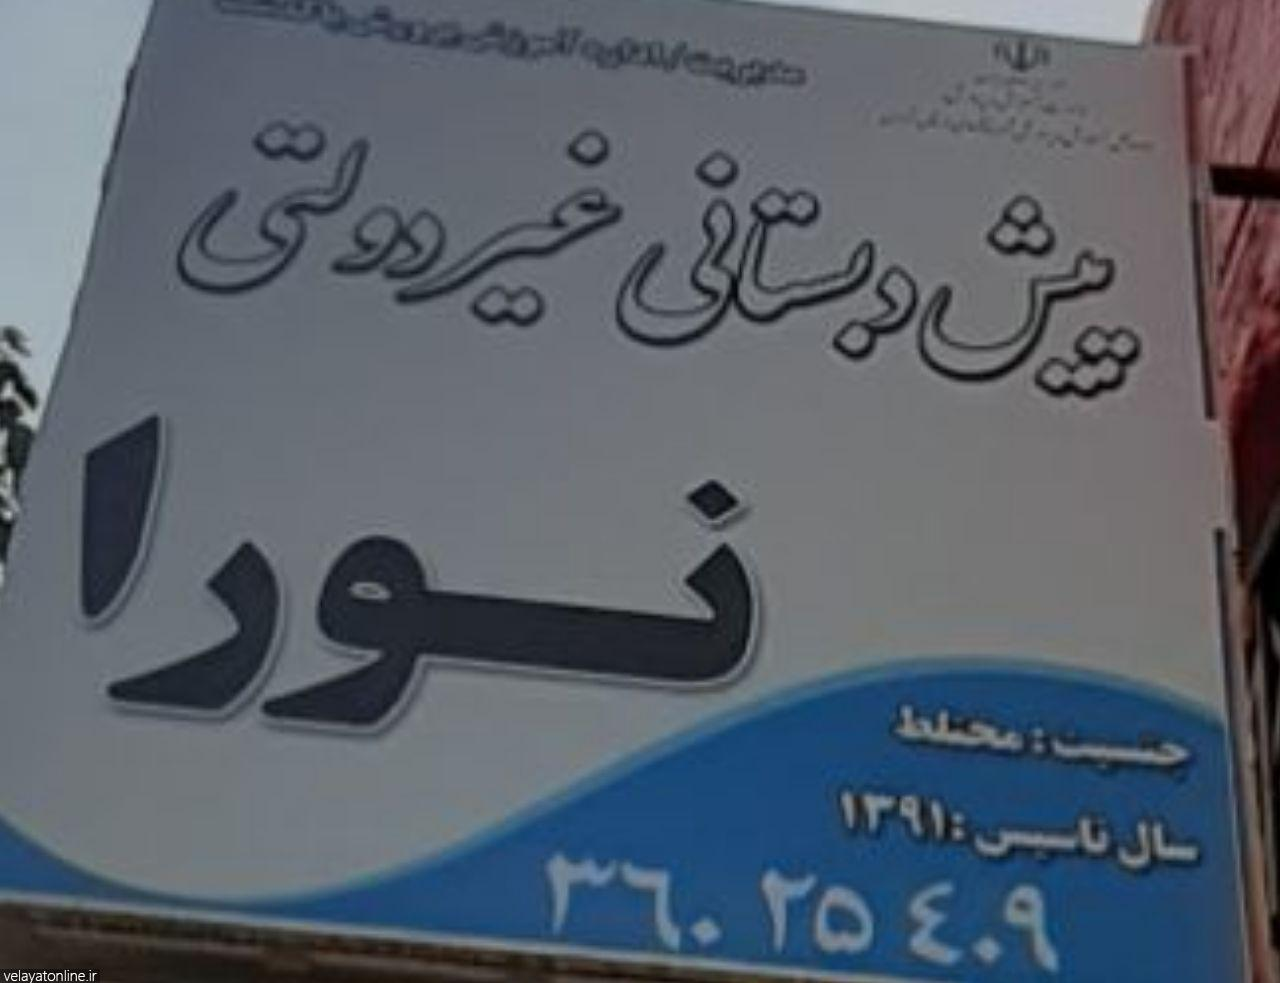 دارالقرآن مهدویون پاکدشت، مؤسسه قرآنی صدرای ایمان